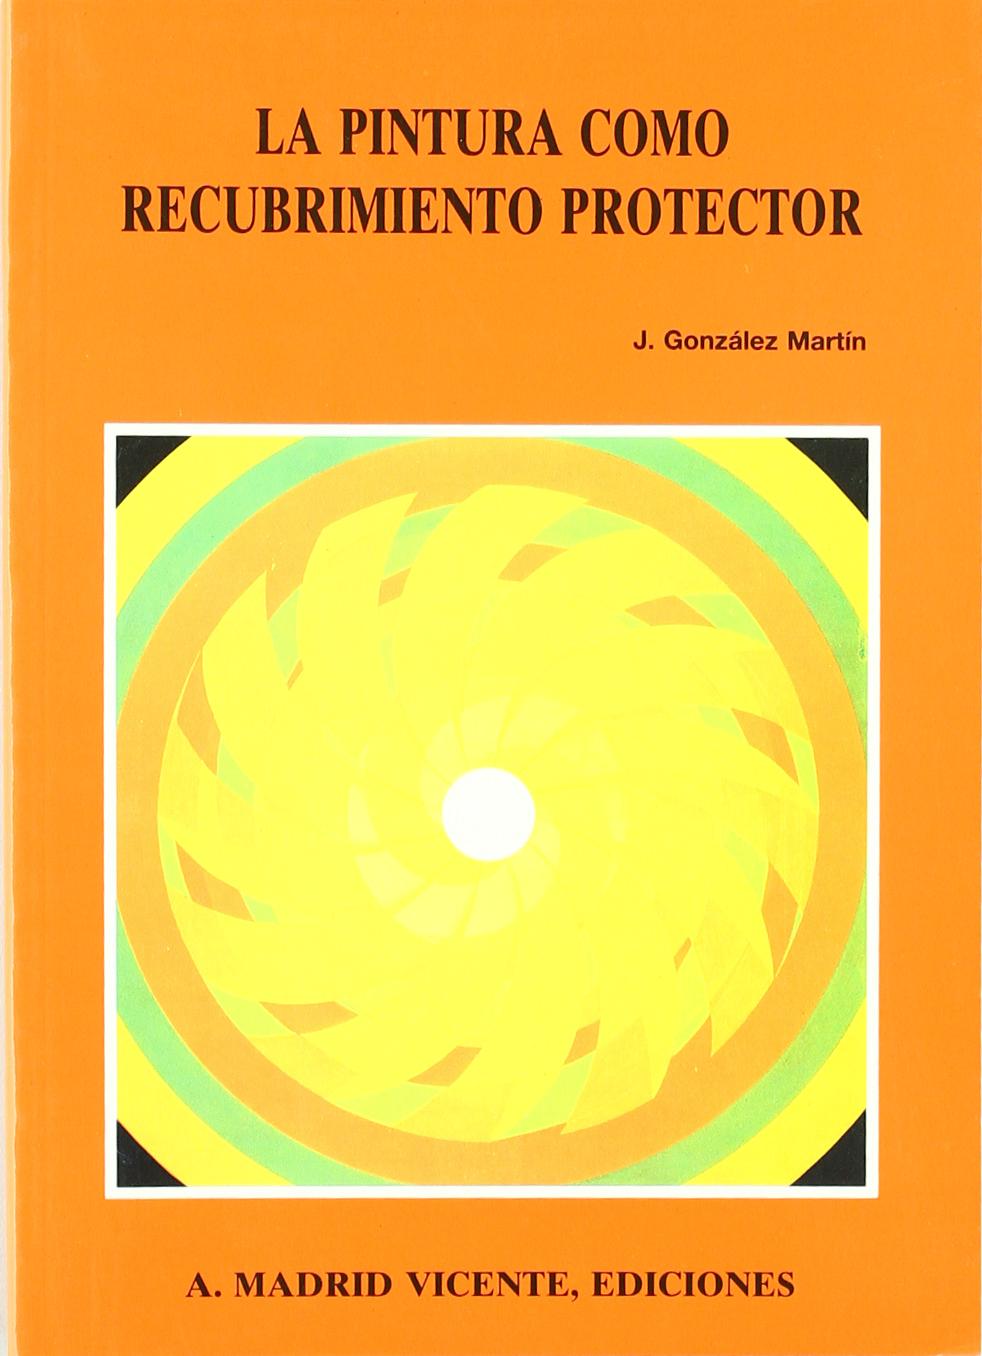 la-pintura-como-recubrimiento-protector